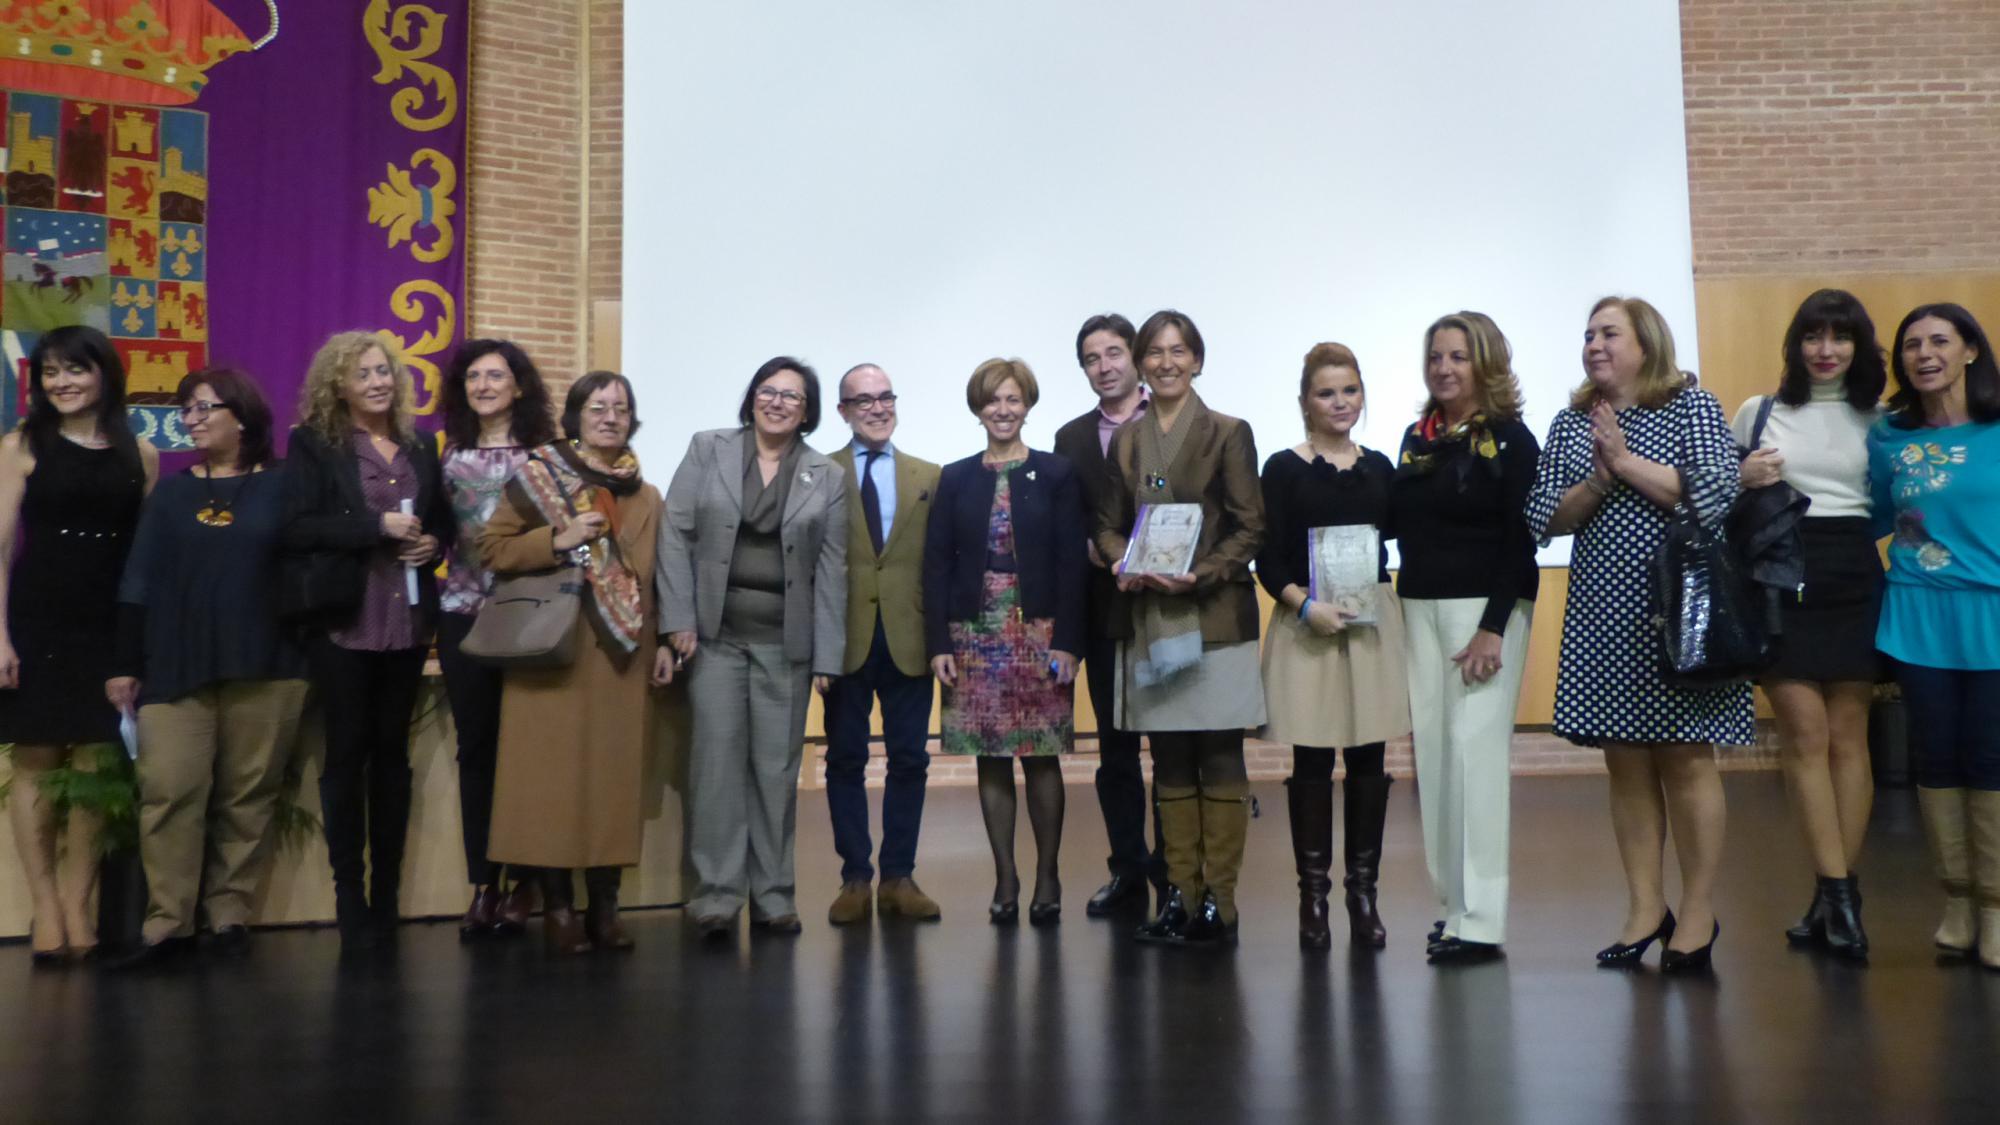 """Guarinos: """"La presencia activa de las mujeres en la historia queda hoy más patente que nunca gracias al trabajo de las Damas Mendoza'"""